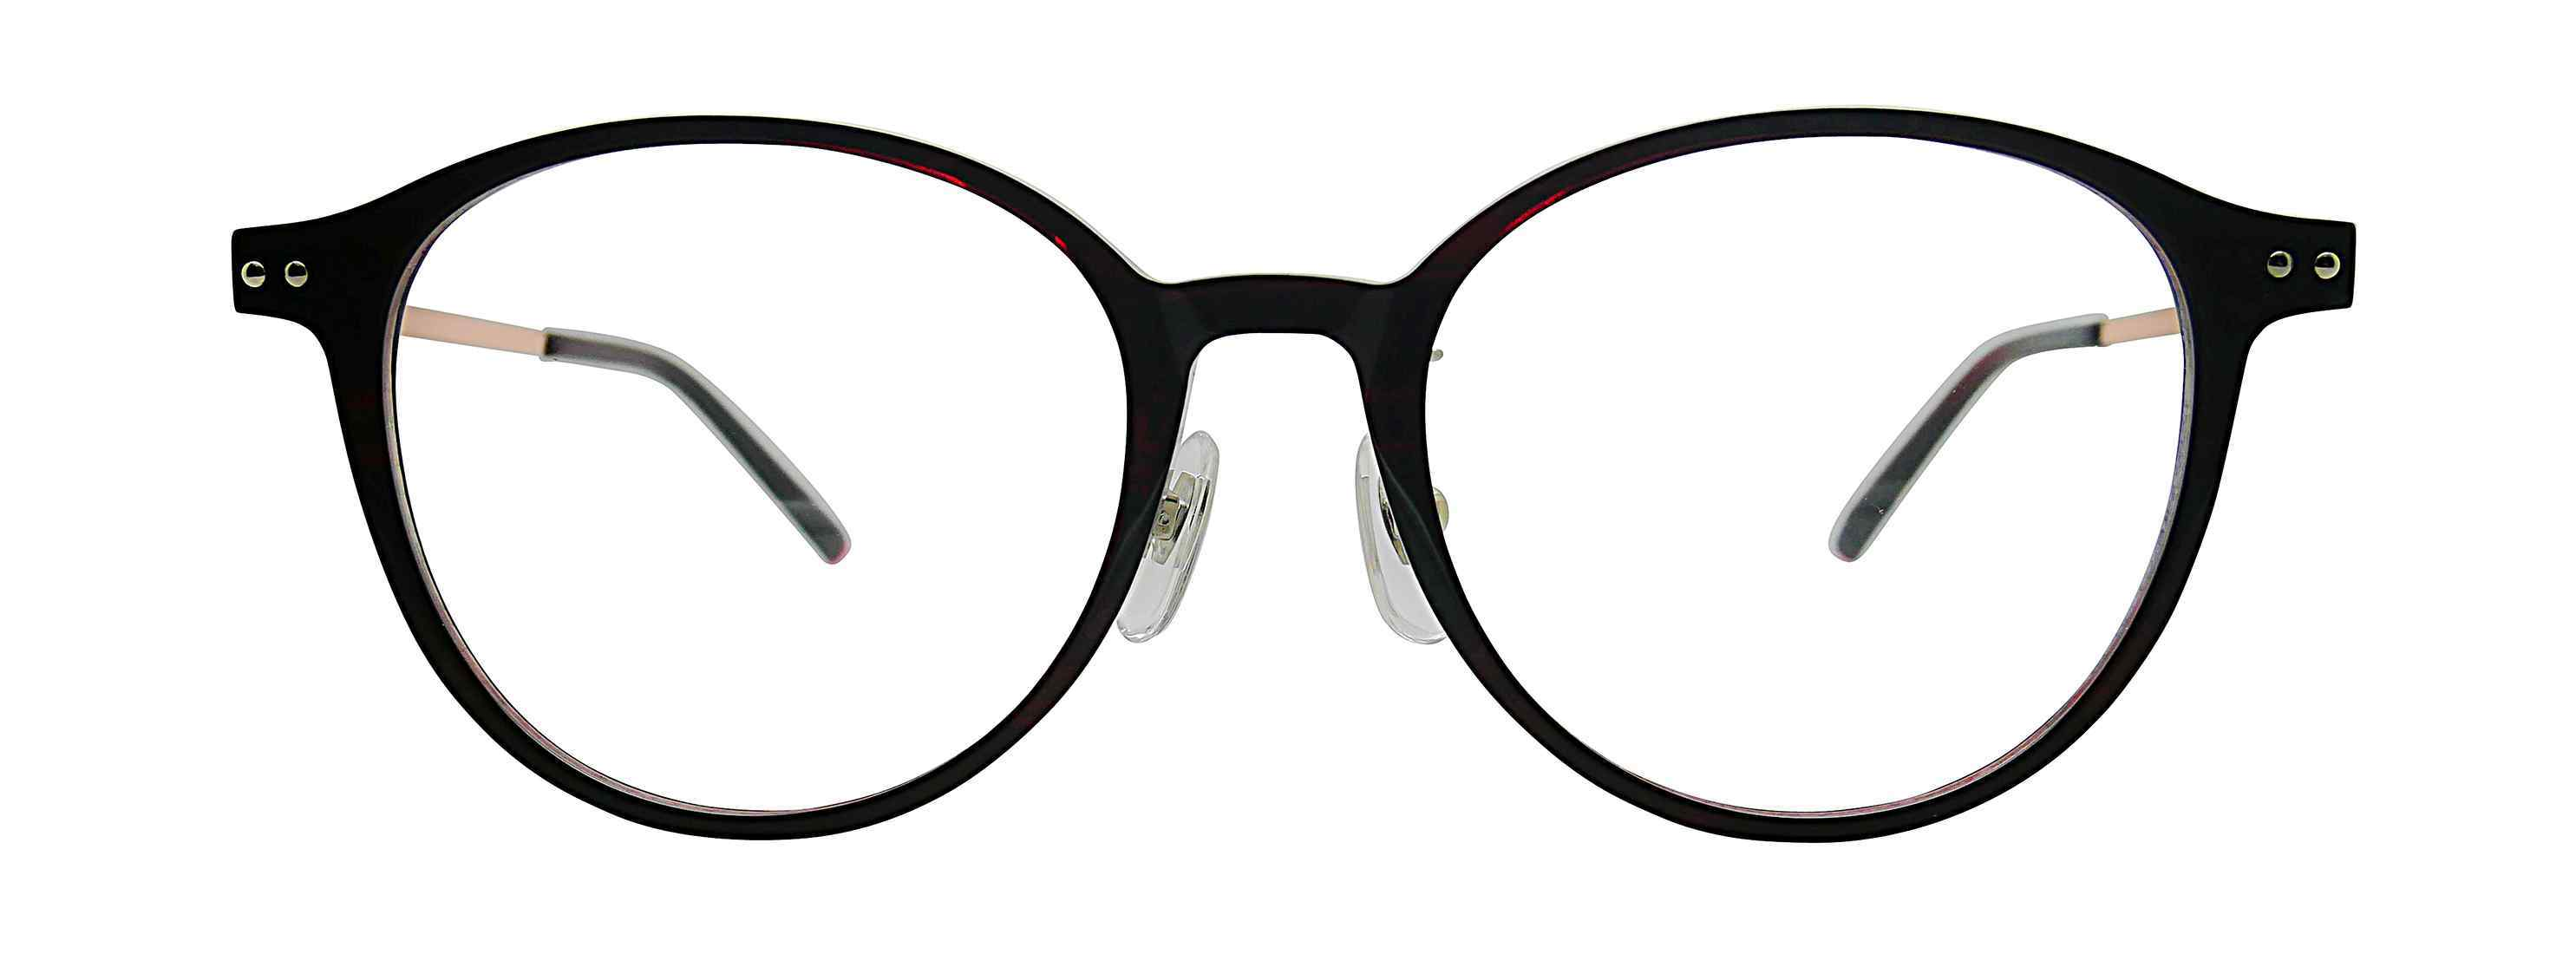 Esprit Spectacles 14313 01